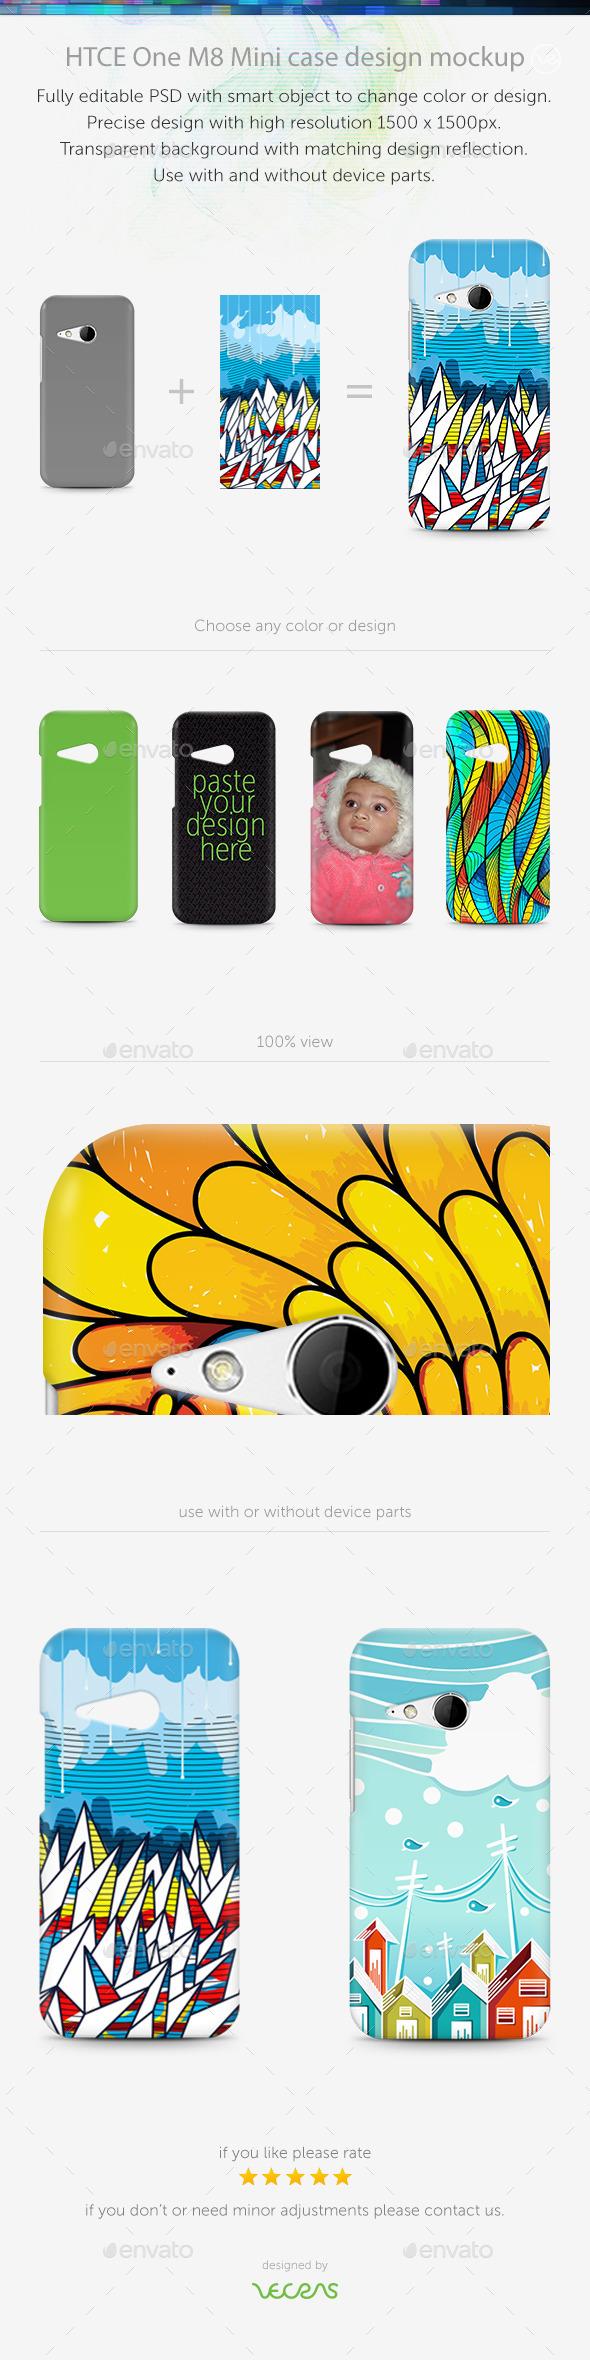 GraphicRiver HTCE One M8 Mini Case Design Mockup 10339572